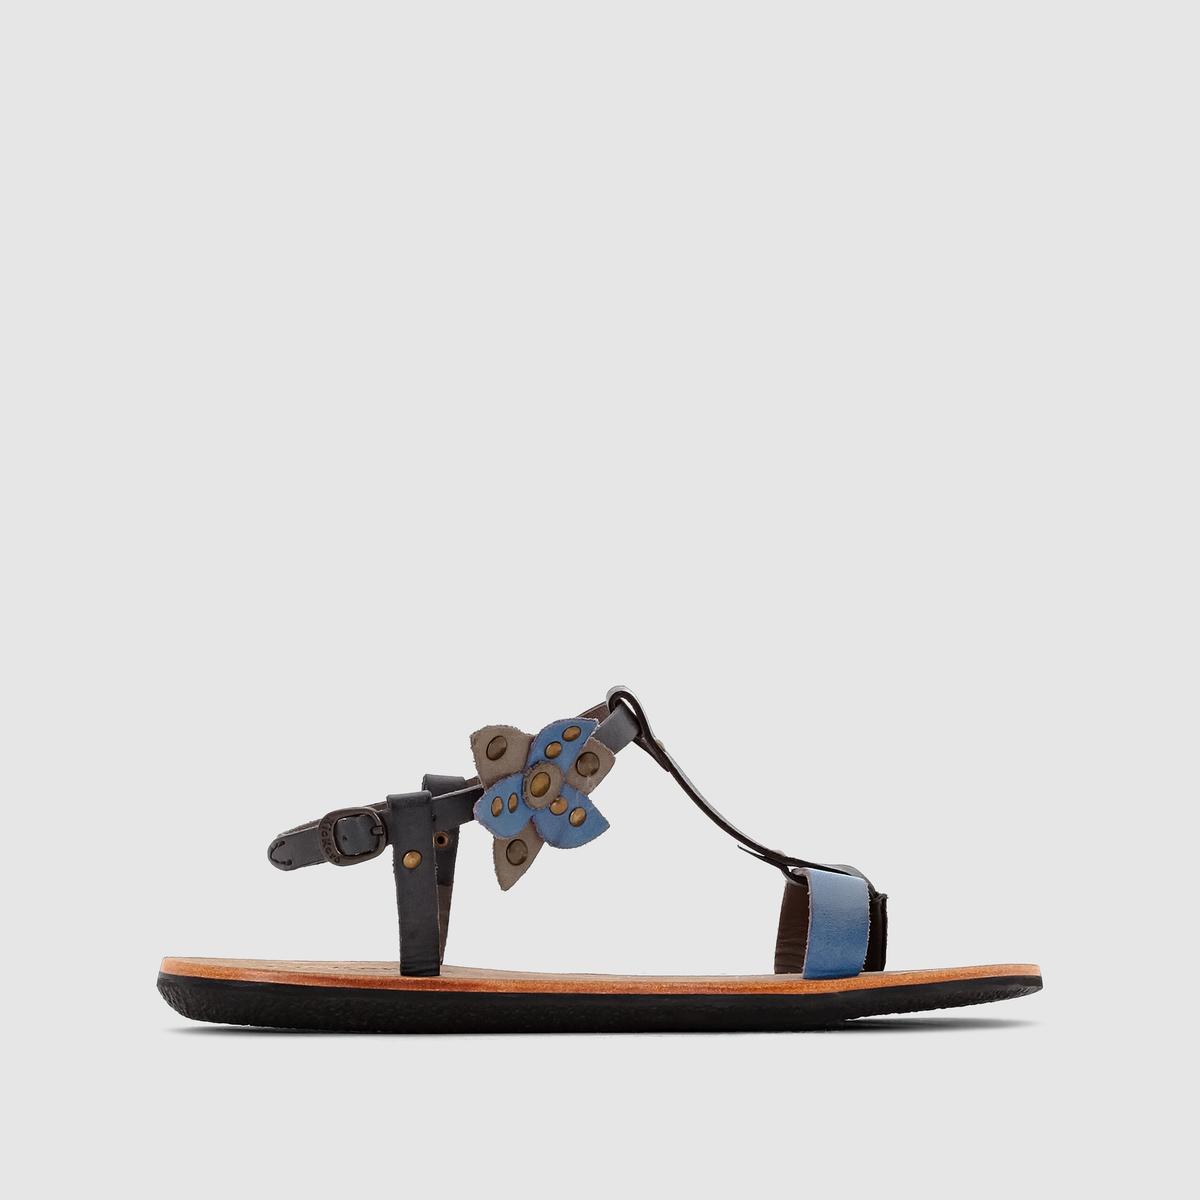 Сандалии кожаные на низком каблуке SpartflowerСандалии на низком каблуке  KICKERS, модель Spartflower. Верх: 100% кожи.Подкладка: 100% кожи.Стелька: 100% кожи.Подошва: 100% каучука.Застежка: ремешок с пряжкой на щиколотке.Высота каблука: 6 см.Высота каблука: 1,5 см.Минималистичный дизайн и декорированный кожаным цветком ремешок... Очаровательные и удобные кожаные сандалии, которые будут органично дополнять ваш летний гардероб!<br><br>Цвет: черный/ синий<br>Размер: 39